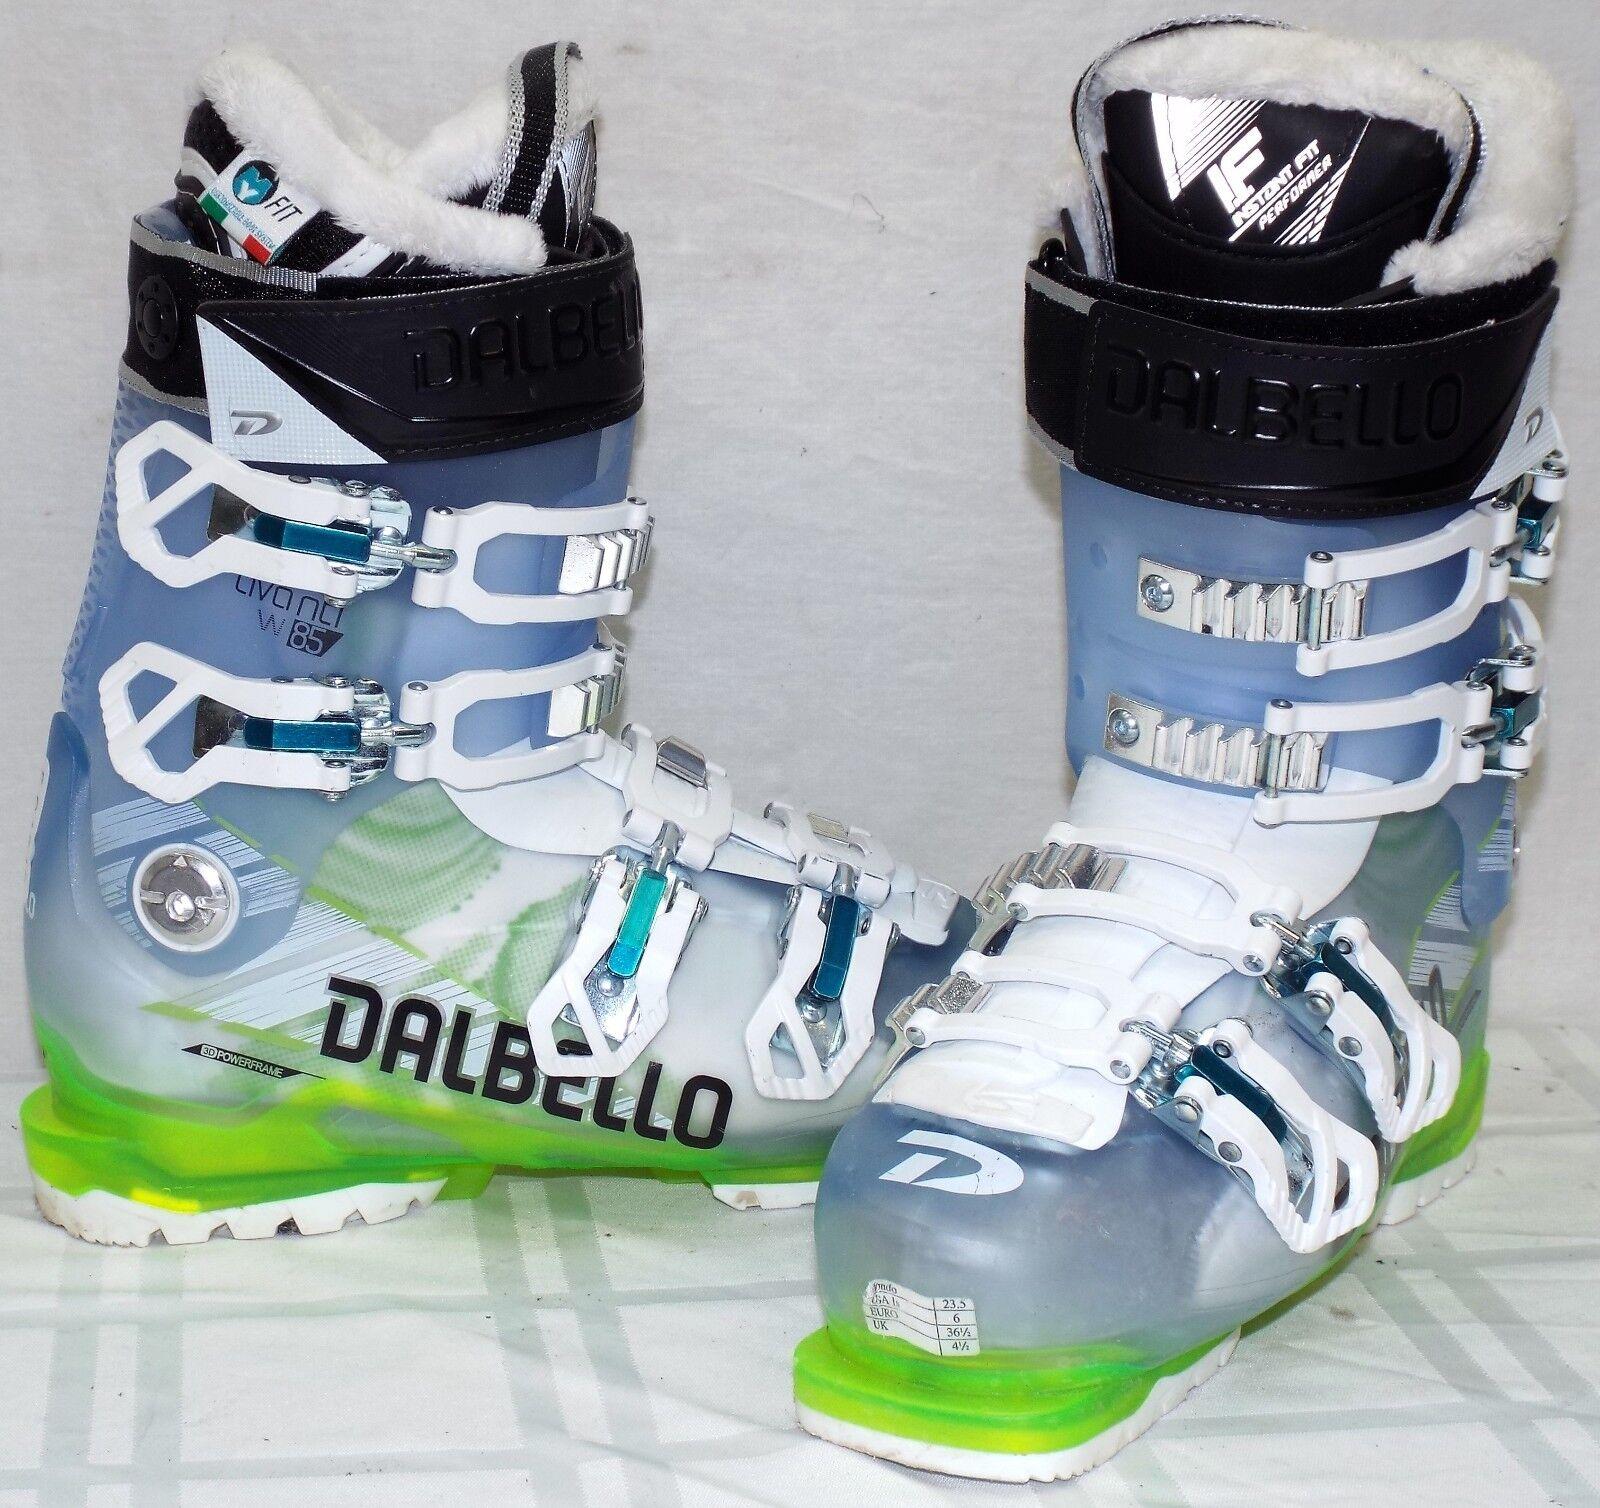 Dalbello Avanti 85 Used Women's Ski Boots Size 23.5